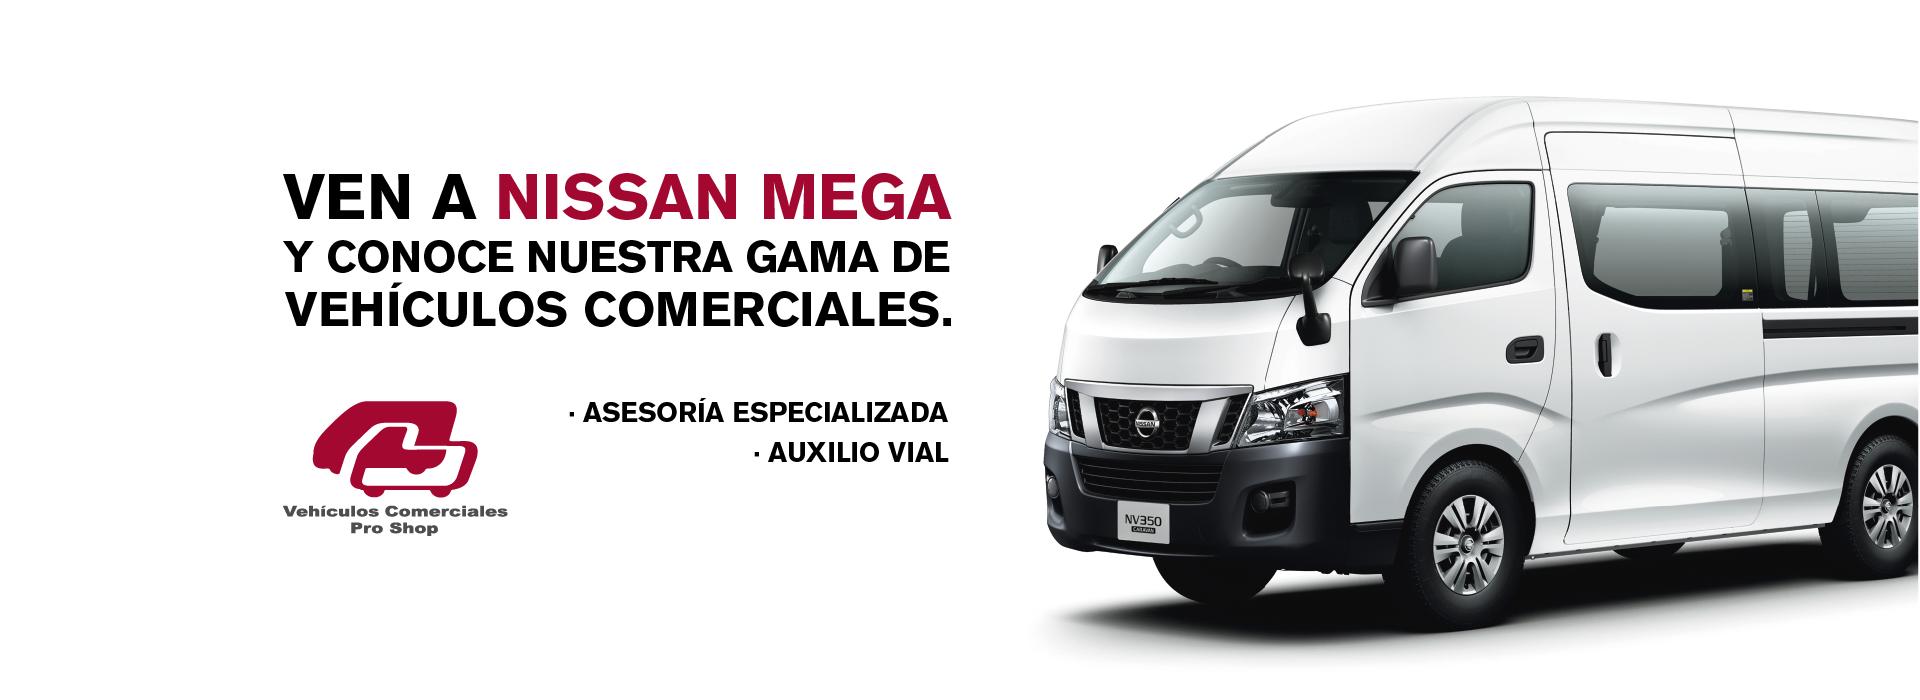 Conoce los vehículos comerciales carga trabajo de nissan mega toluca metepec calimaya zinacantepec